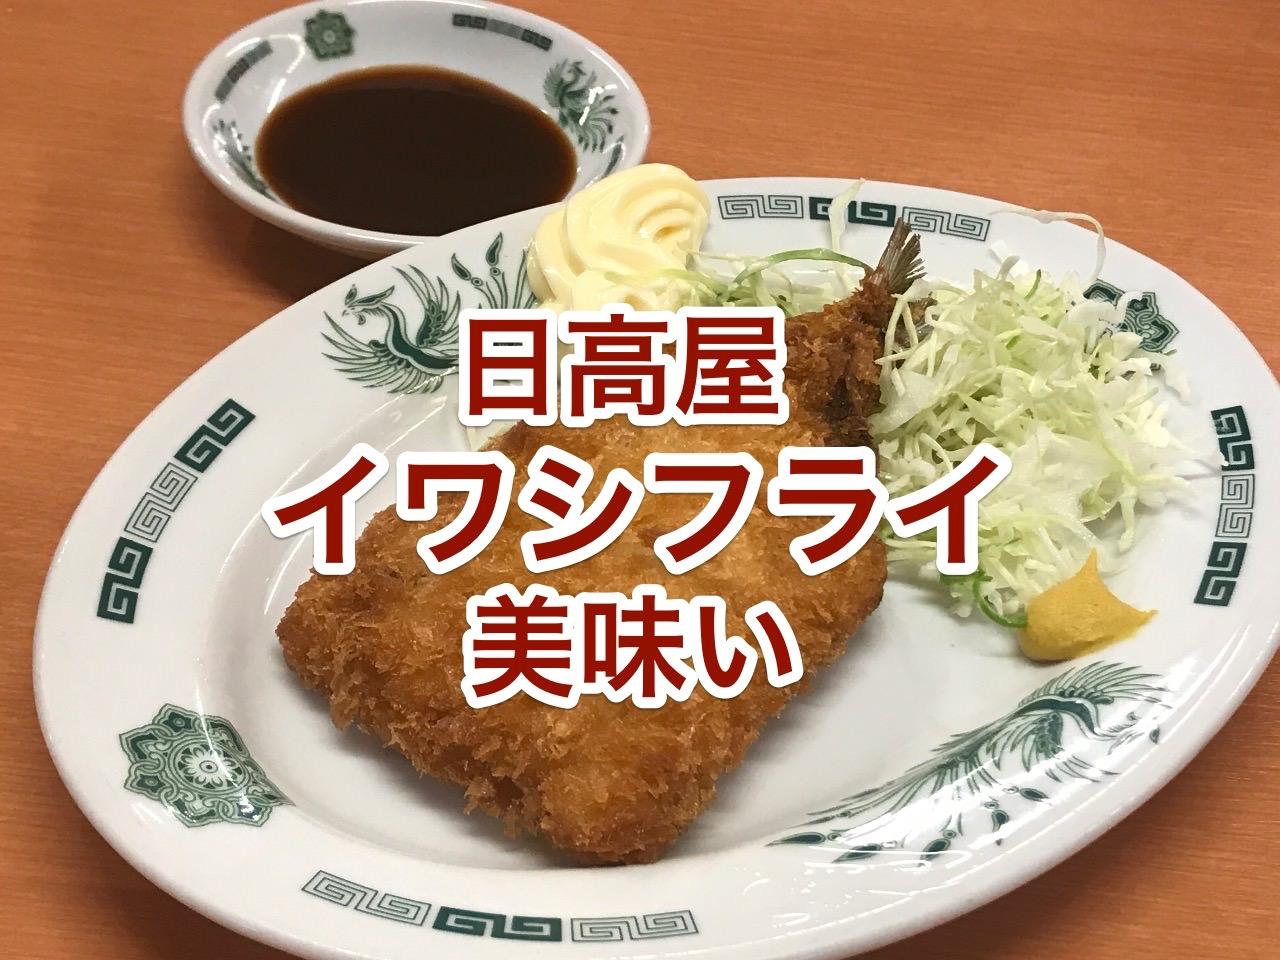 【日高屋】イワシフライ(230円)揚げたてが美味しいからみんな食べてみよう